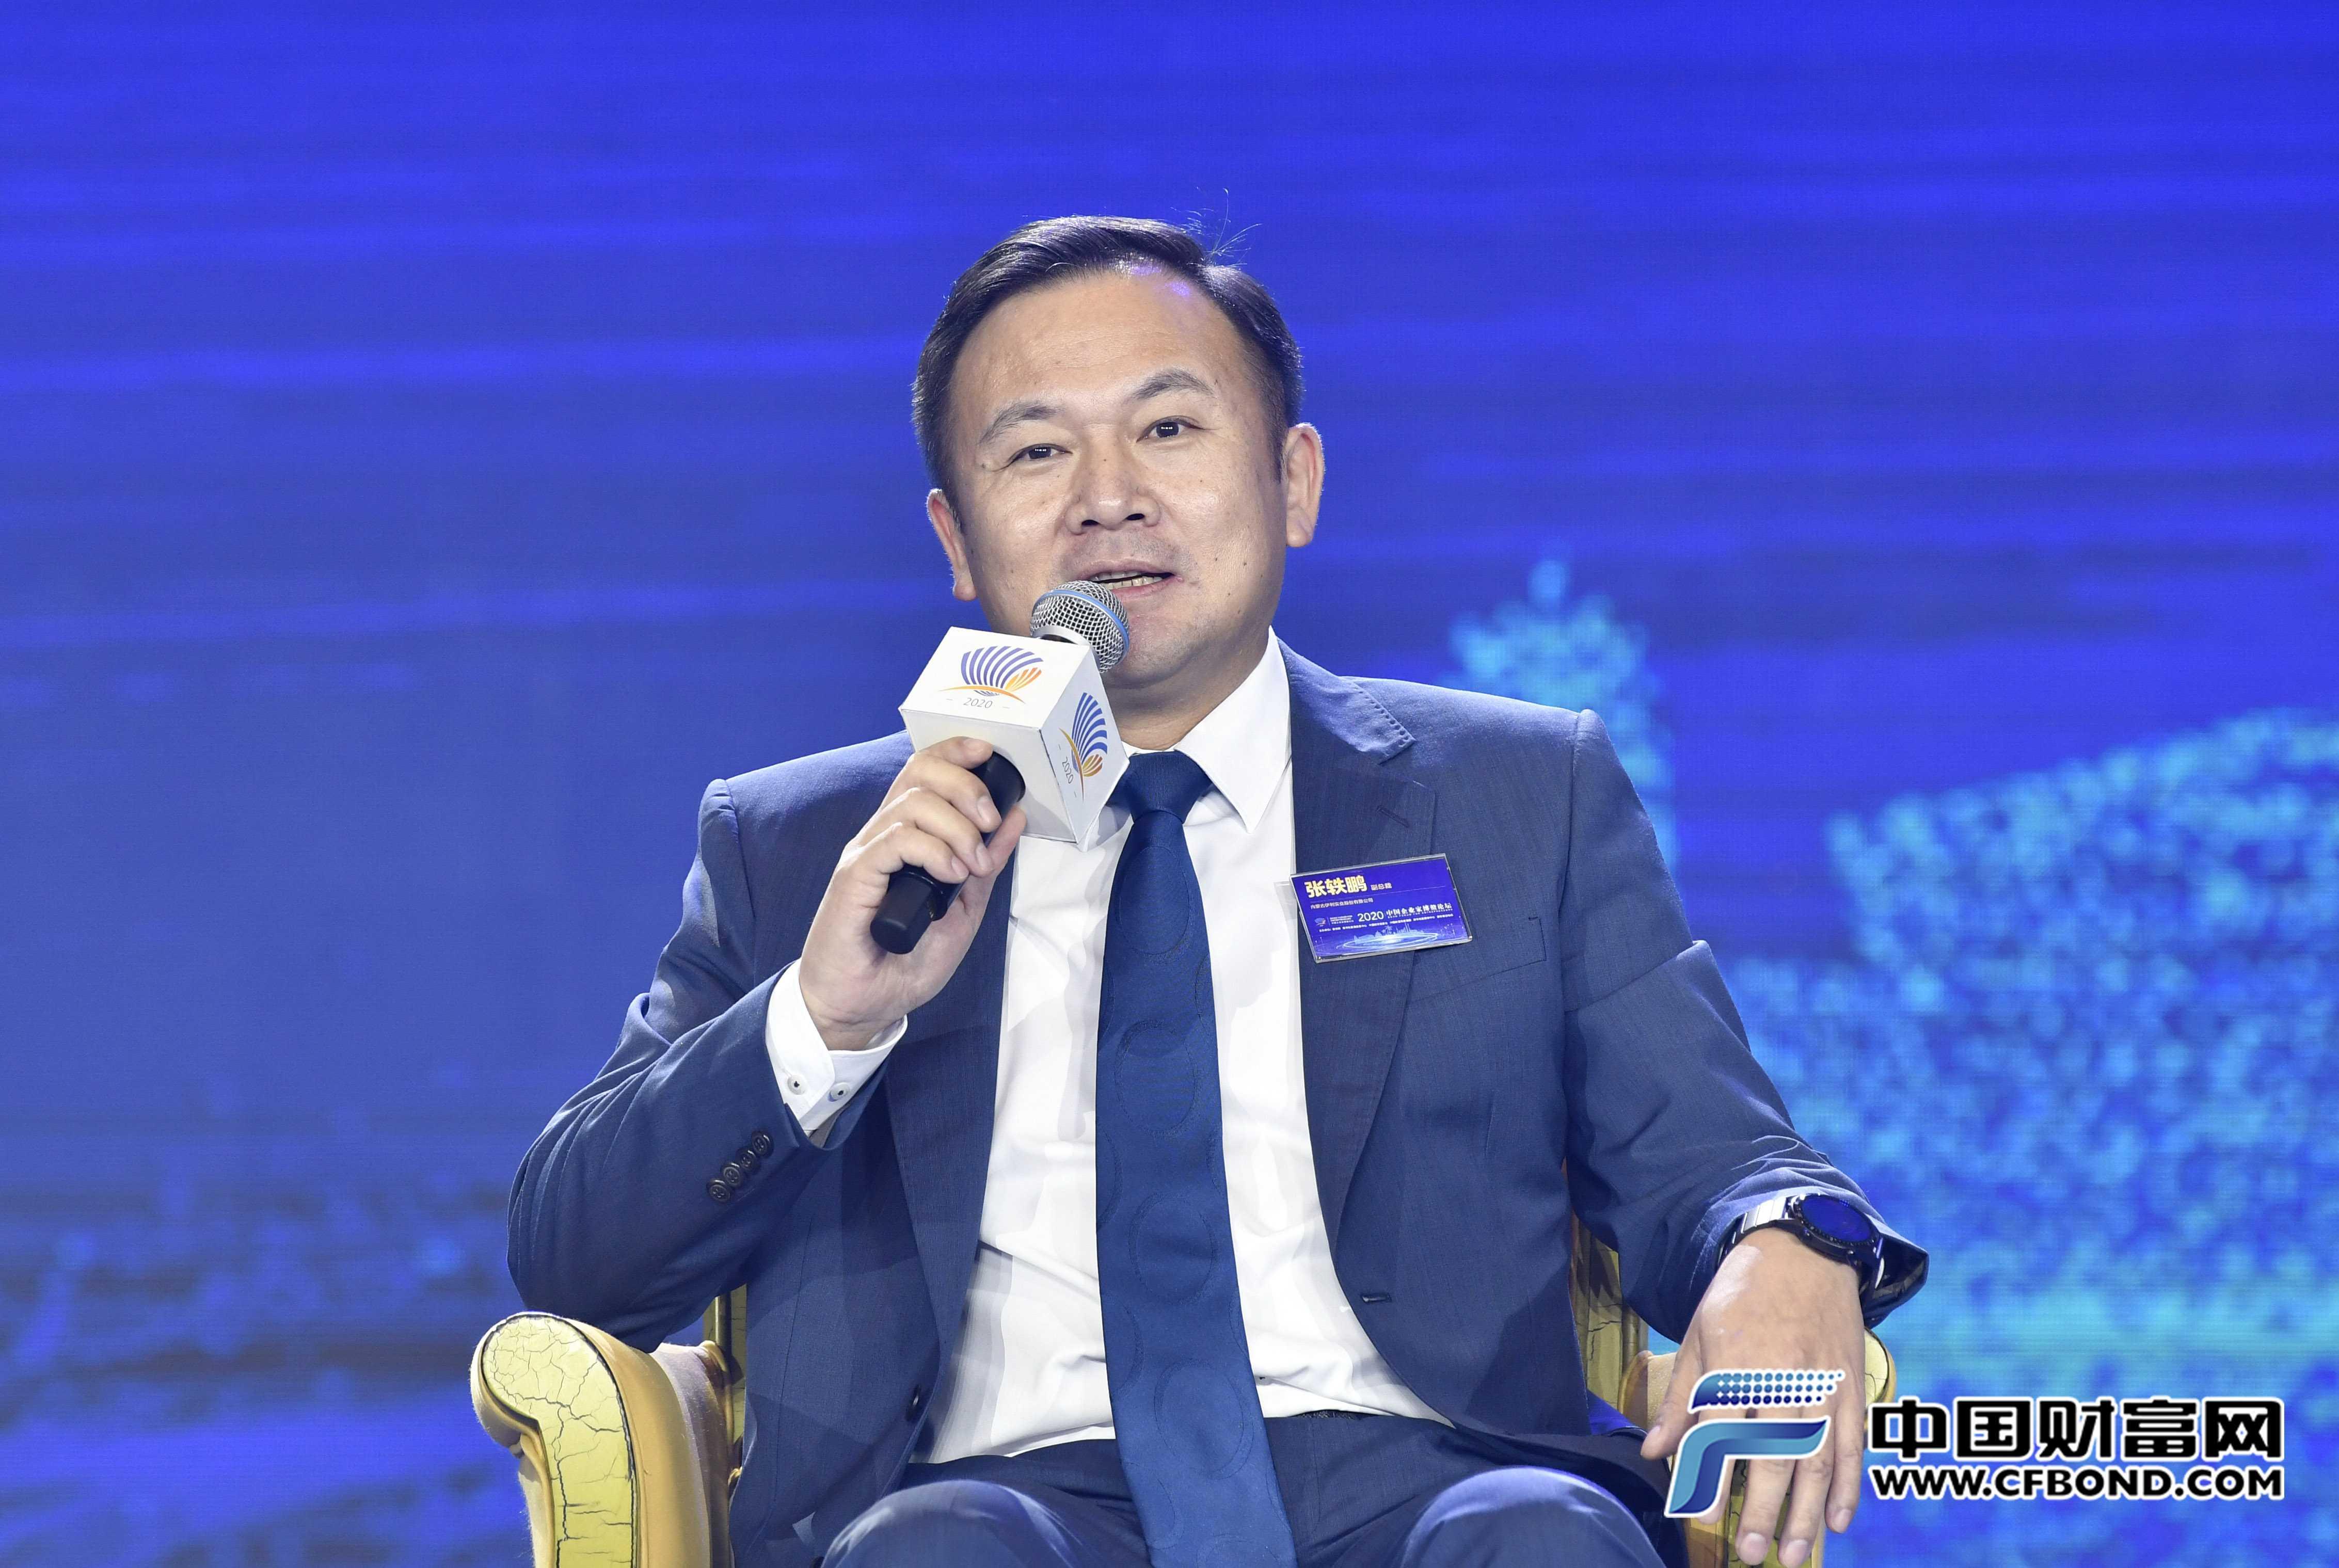 张轶鹏:企业可持续发展平衡价值链是关键